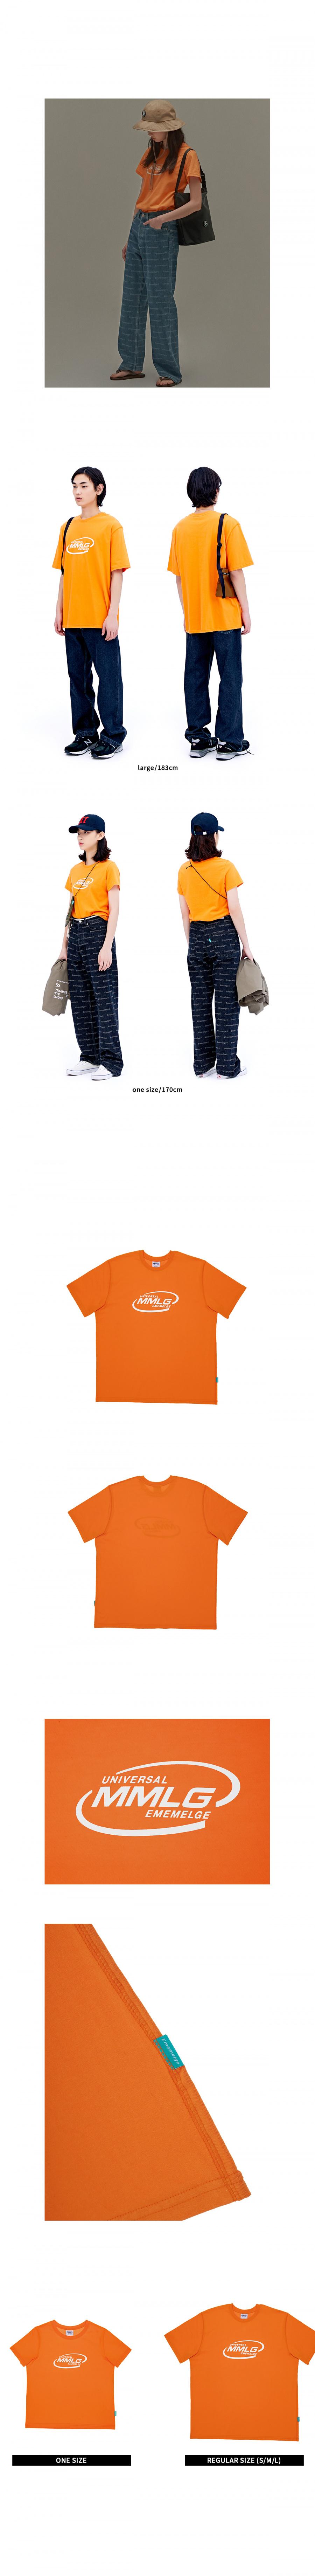 팔칠엠엠(87MM) [Mmlg] NEW MMLG HF-T (ORANGE)